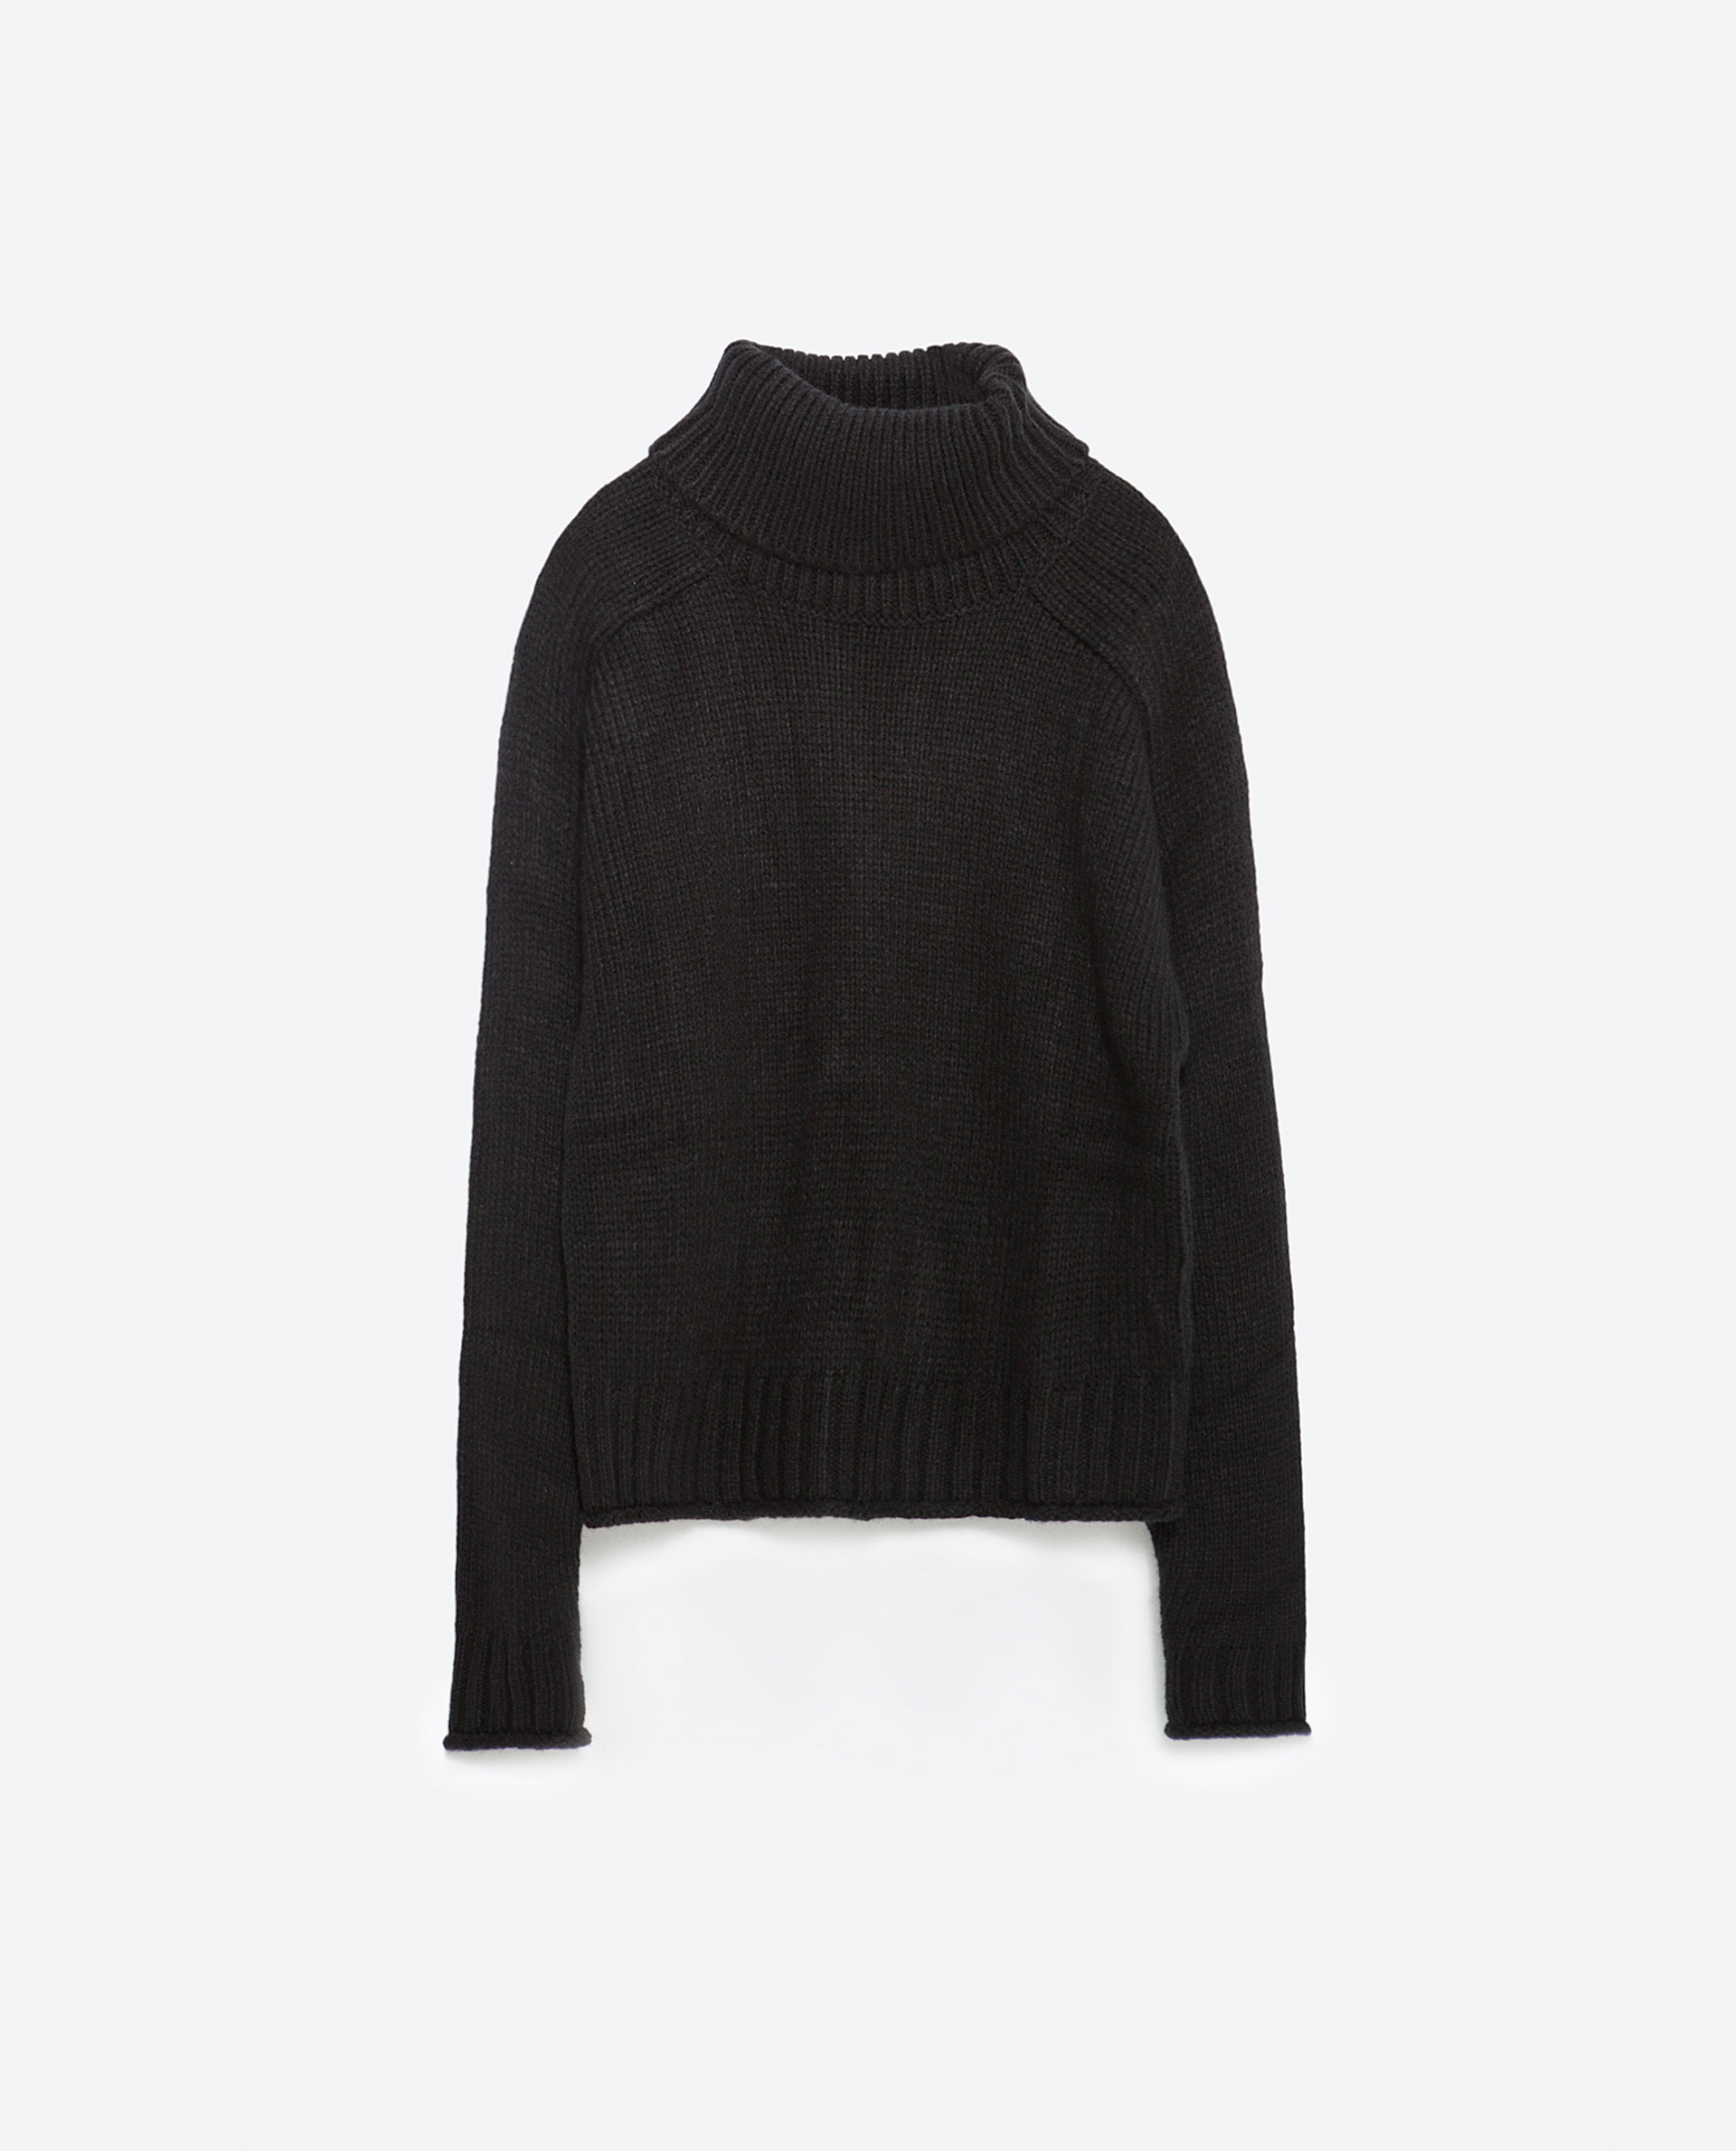 Zara Black High Neck Sweater 68